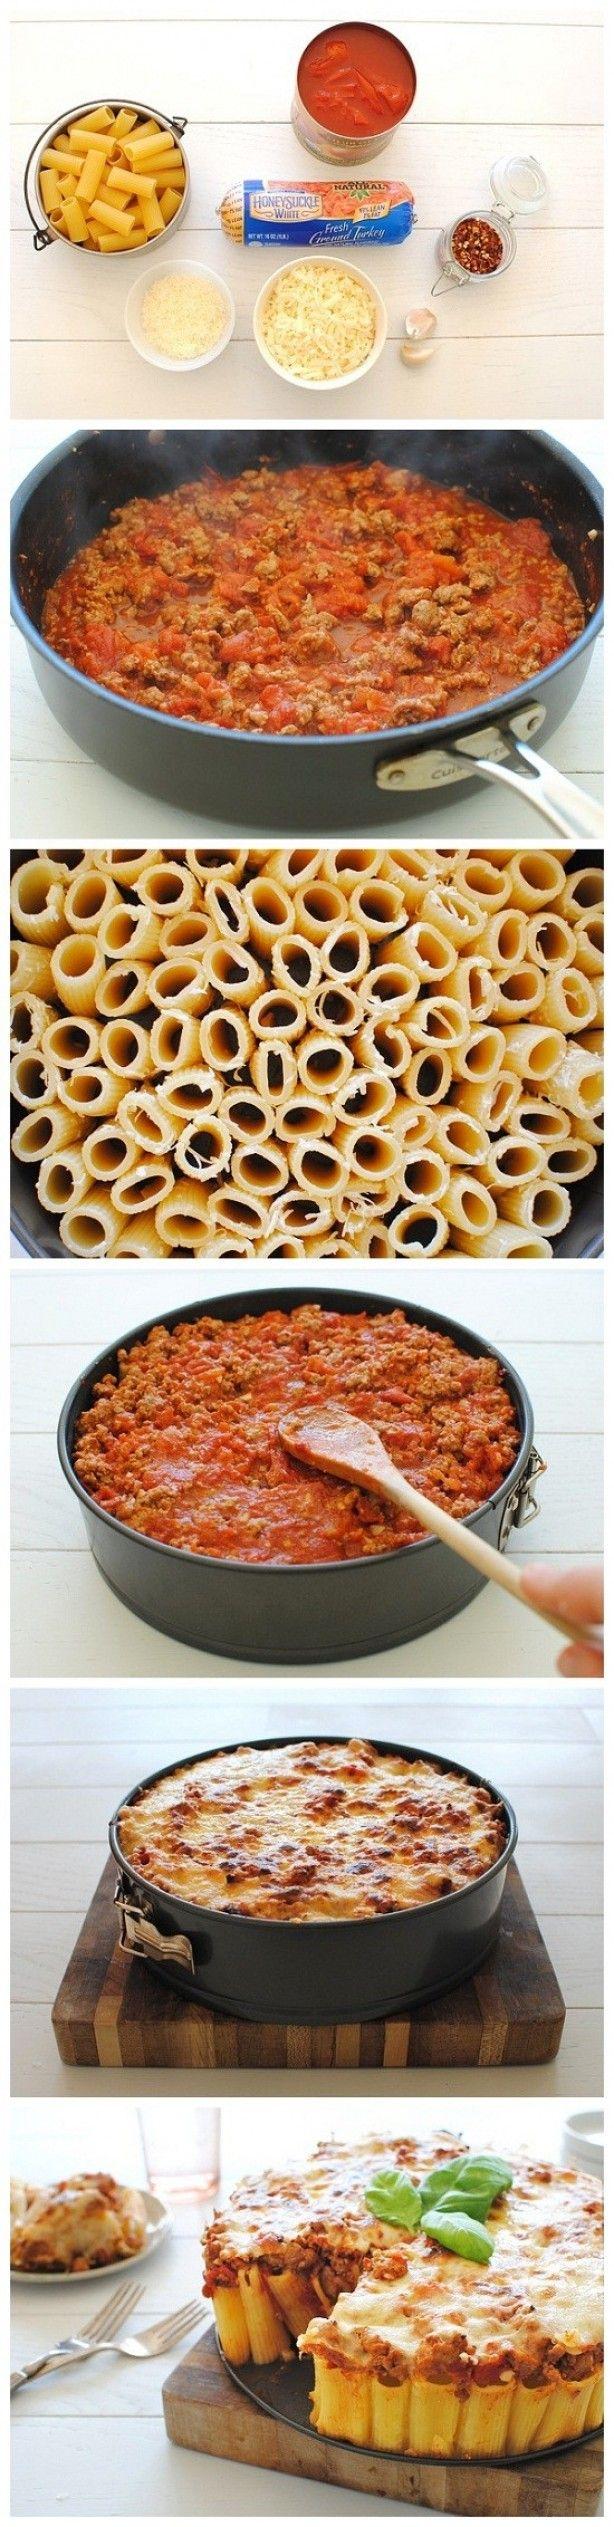 Pasta al dente voorkoken (anders blijft de buitenste rand soms wat hard) Bakblik invetten. Alles 20 minuten in de oven.. Heerlijk!!